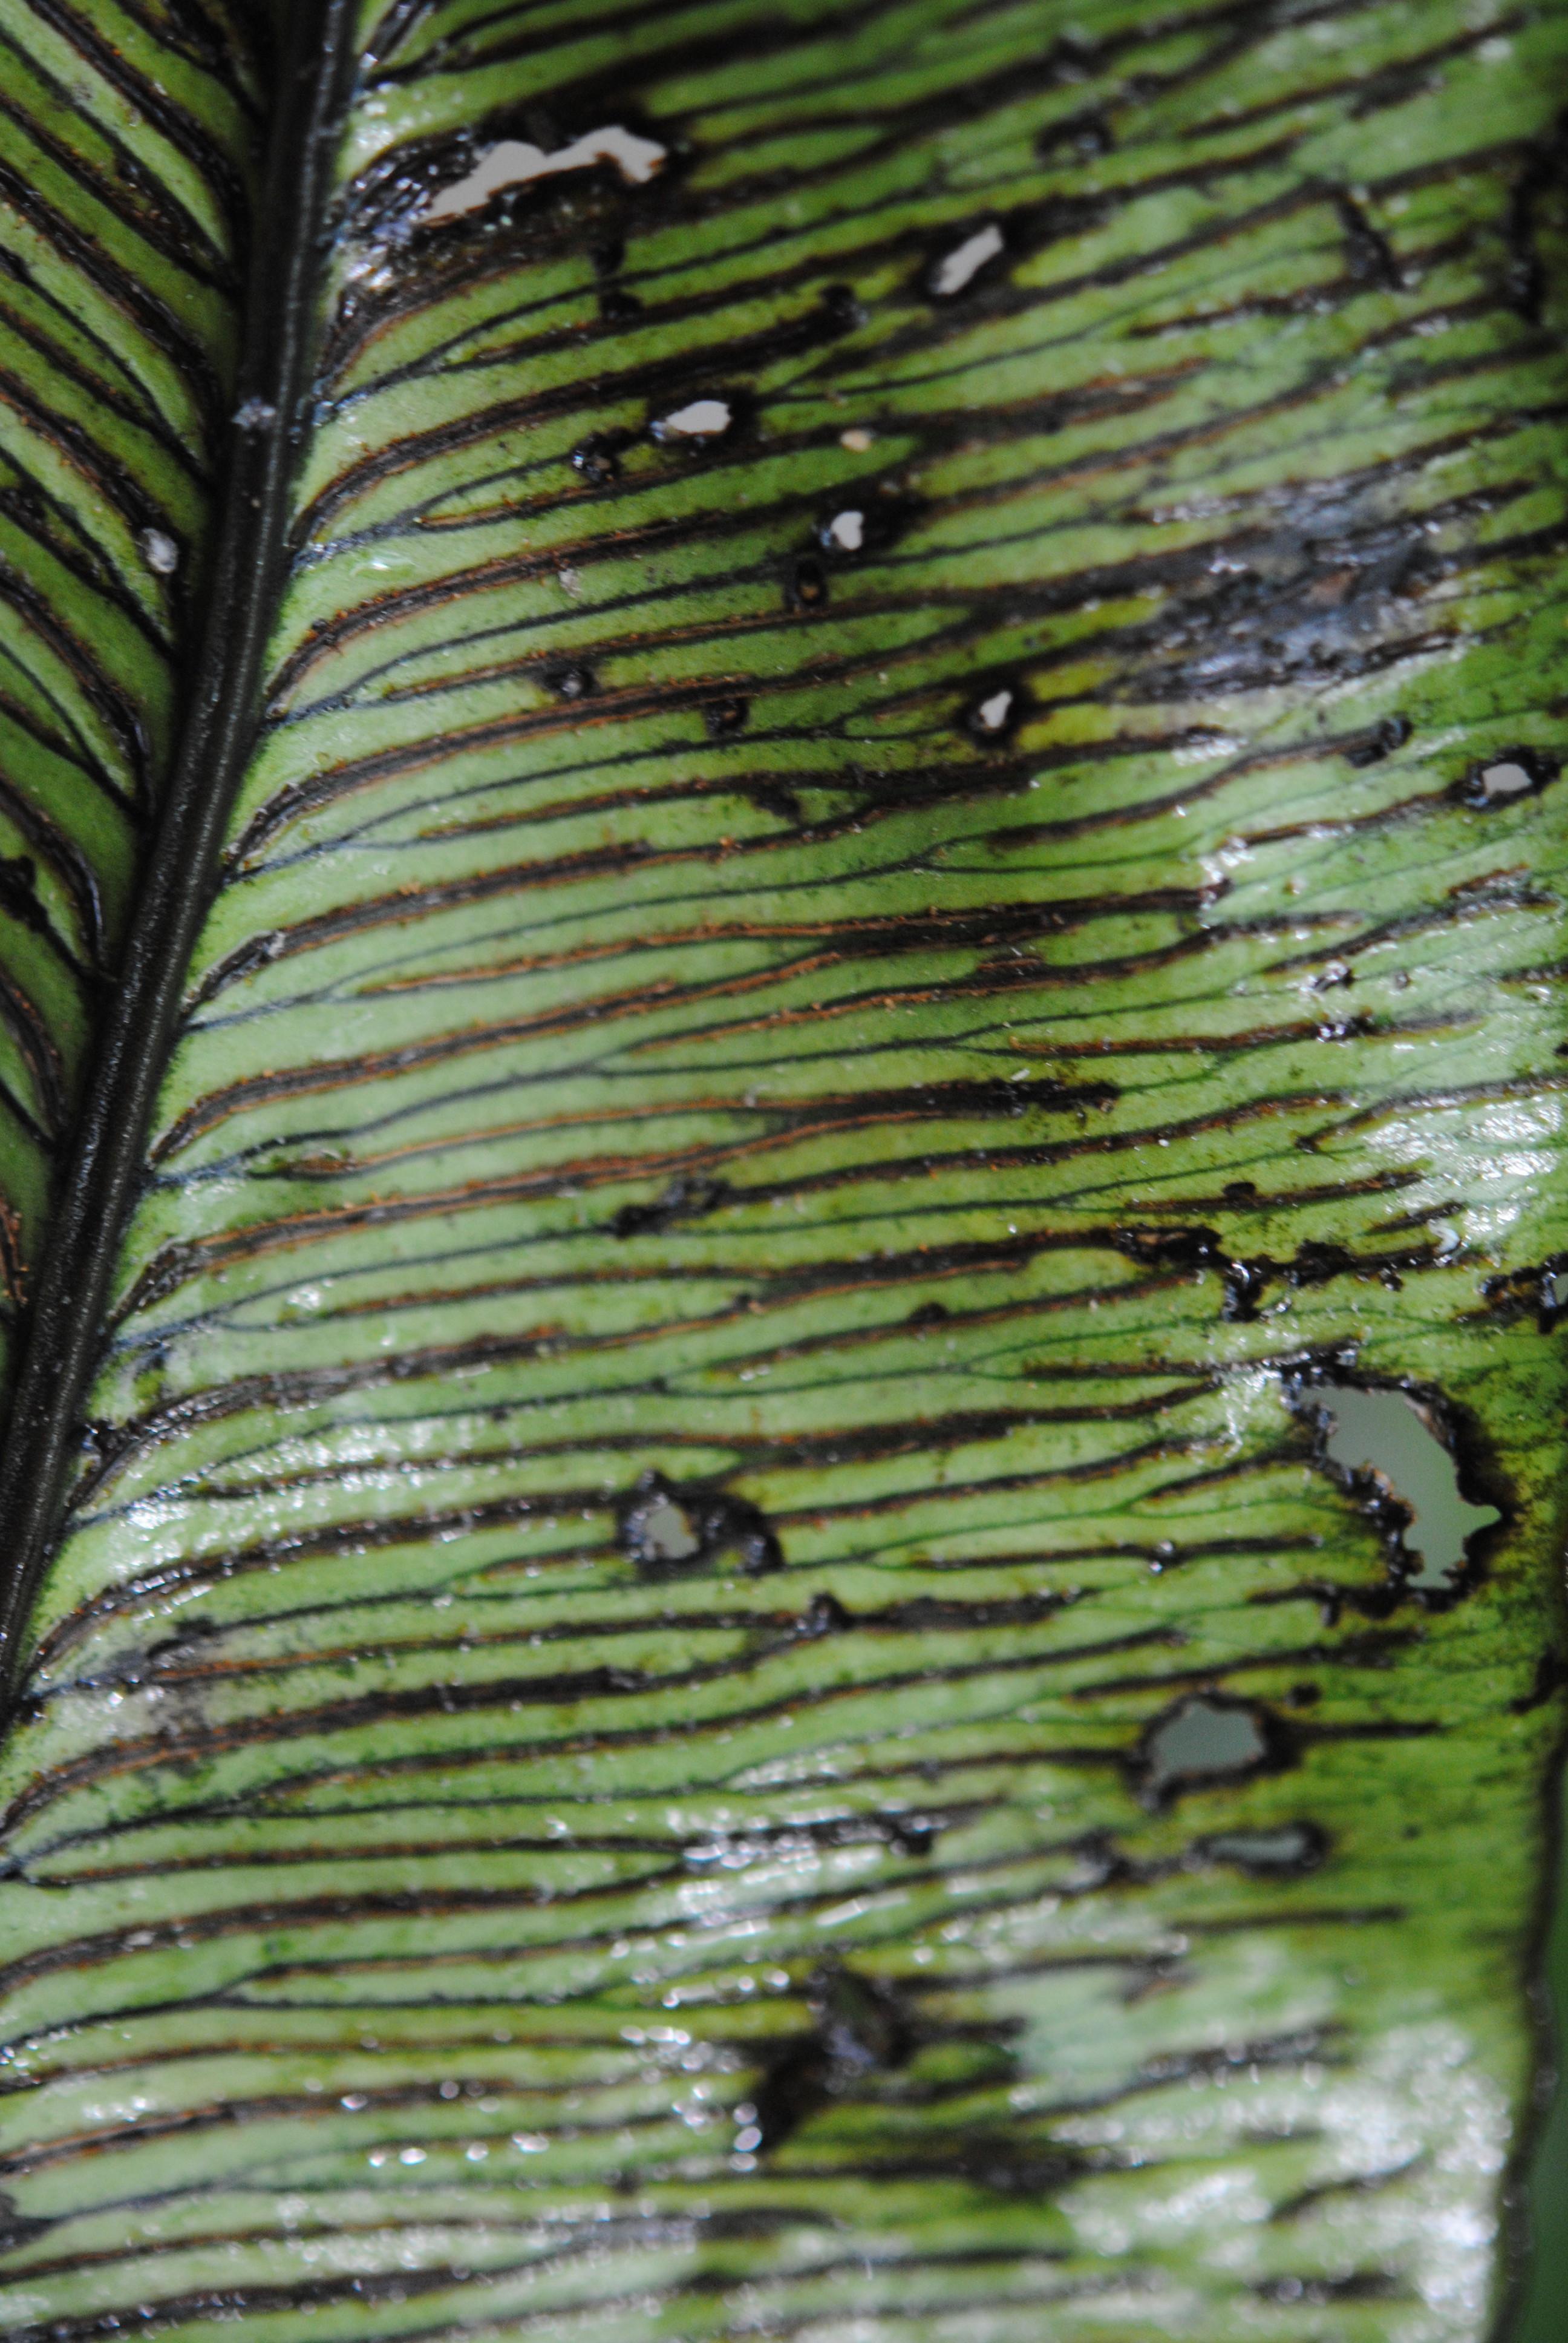 frederikssund taxa blume dating